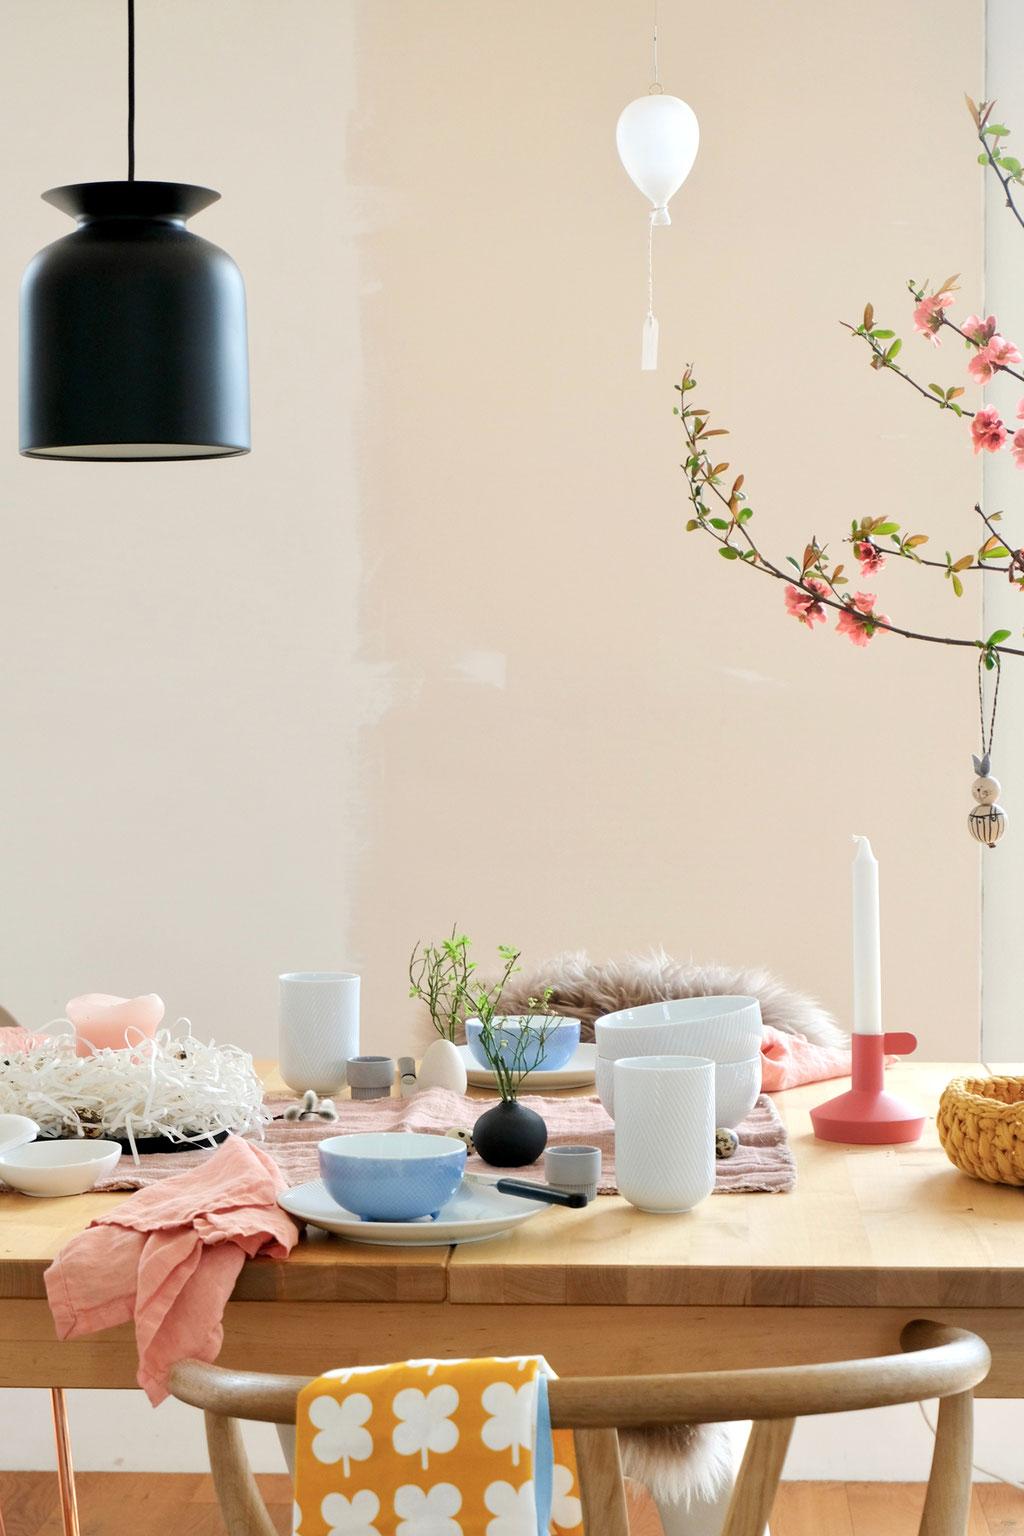 dieartigeBLOG - Ostern -Tischdekoration; weißes + hellblaues Geschirr, etwas Lachs, Koralle und Senfgelb als fröhliche Farbtupfer, #Gubi-Leuchte